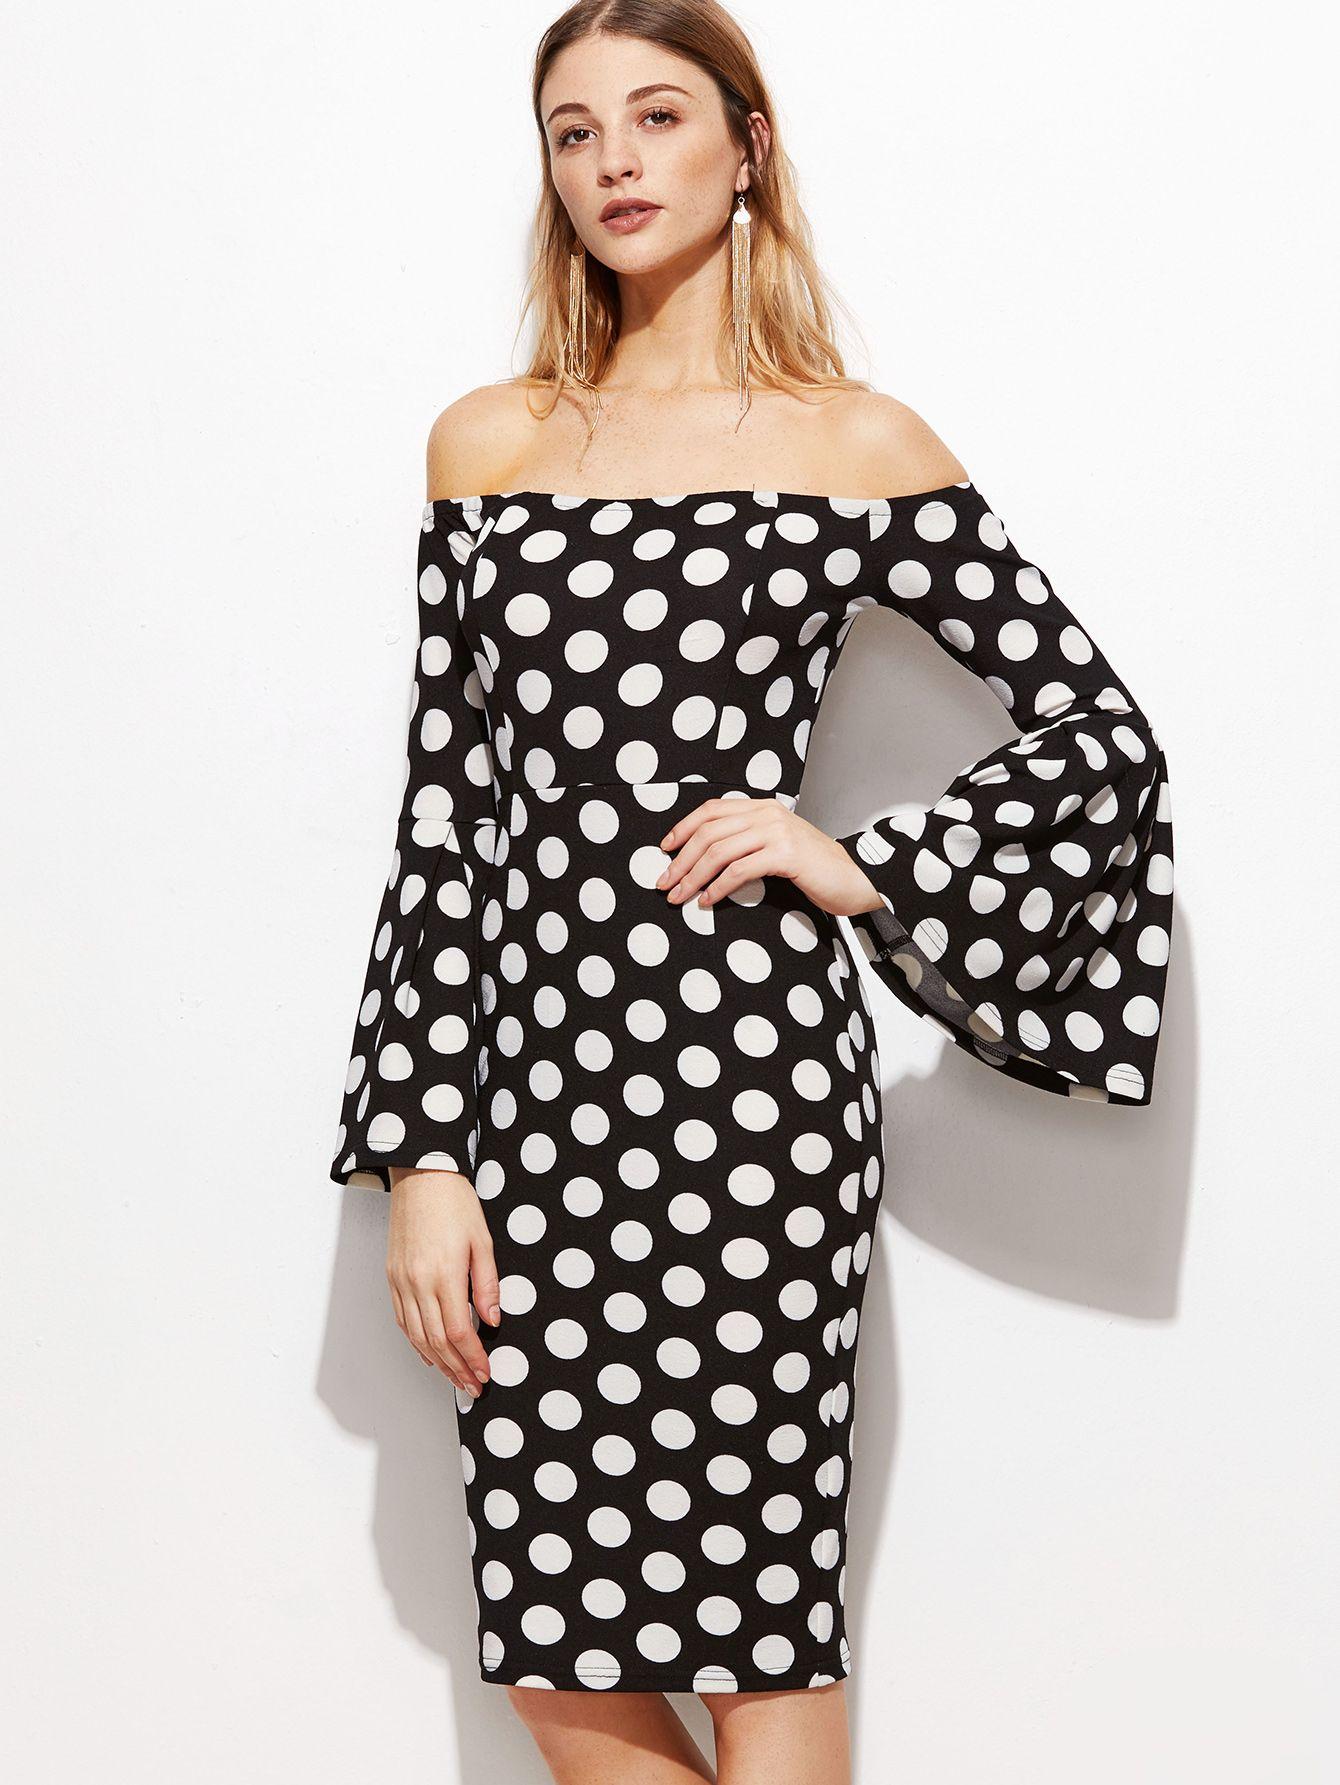 dc018075960dd6 Black+Polka+Dot+Print+Off+The+Shoulder+Bell+Sleeve+Dress+18.00